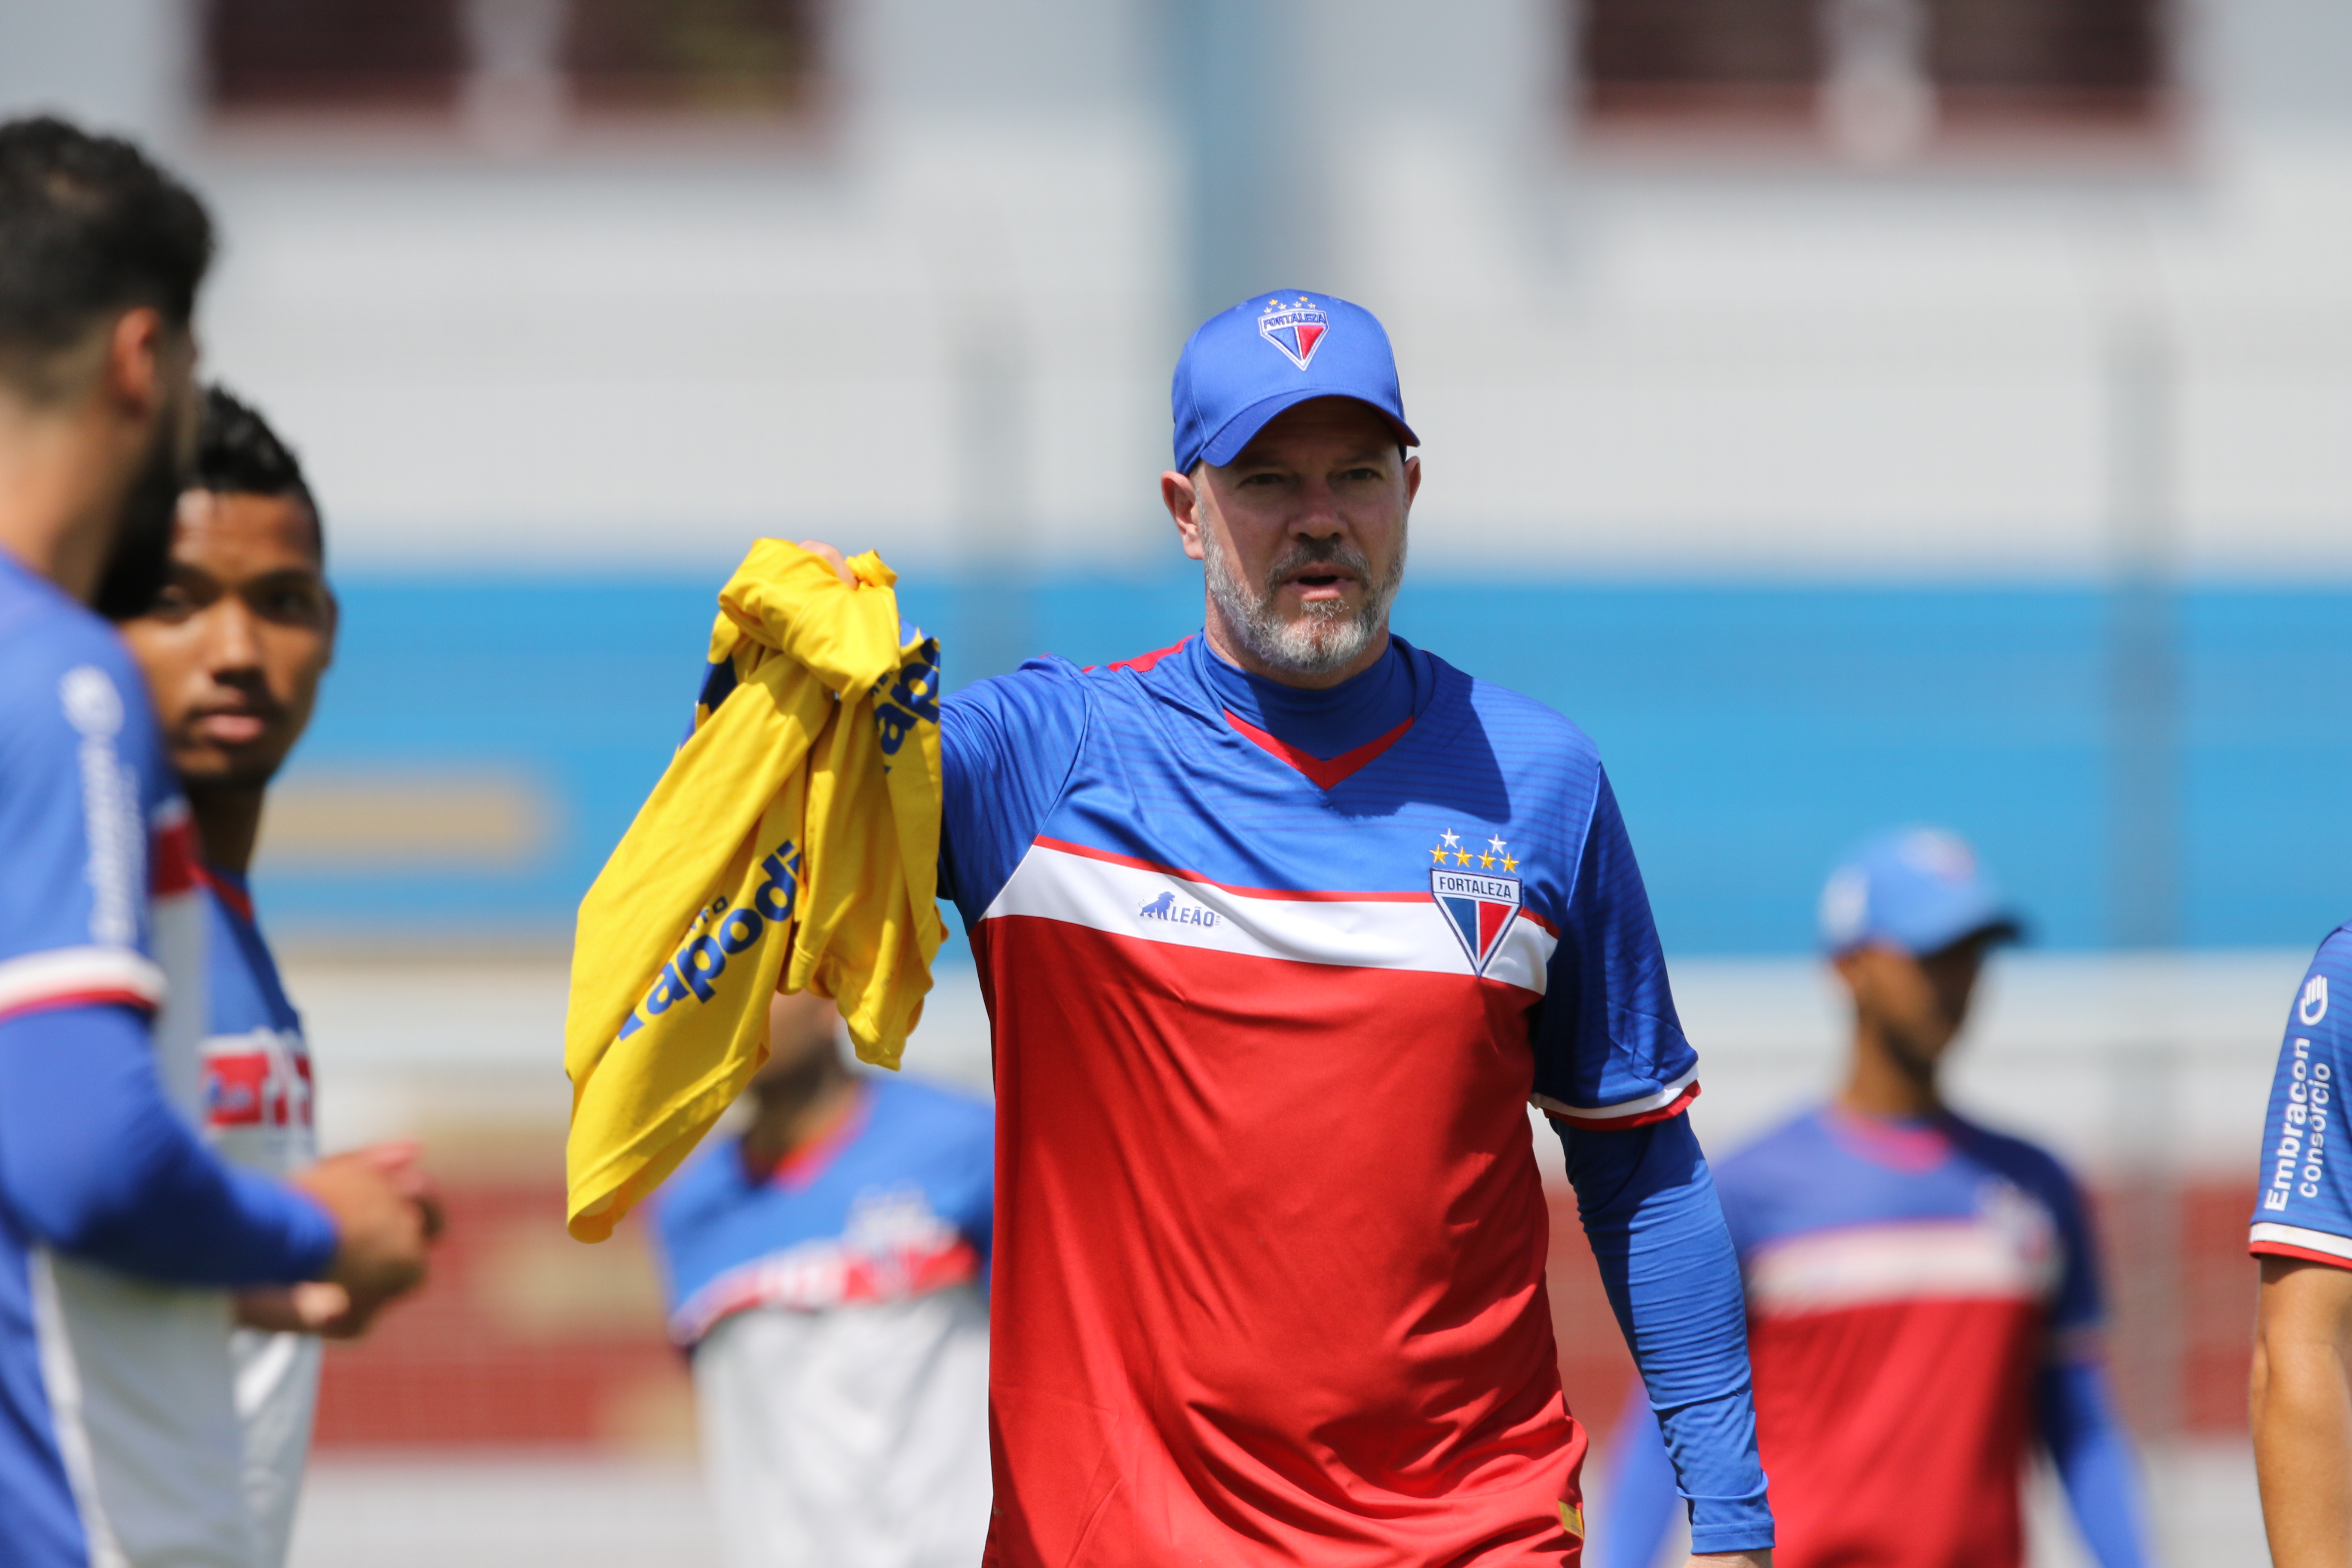 Técnico Zago, em treino do Fortaleza, entregando um colete a um jogador (que não aparece na foto)